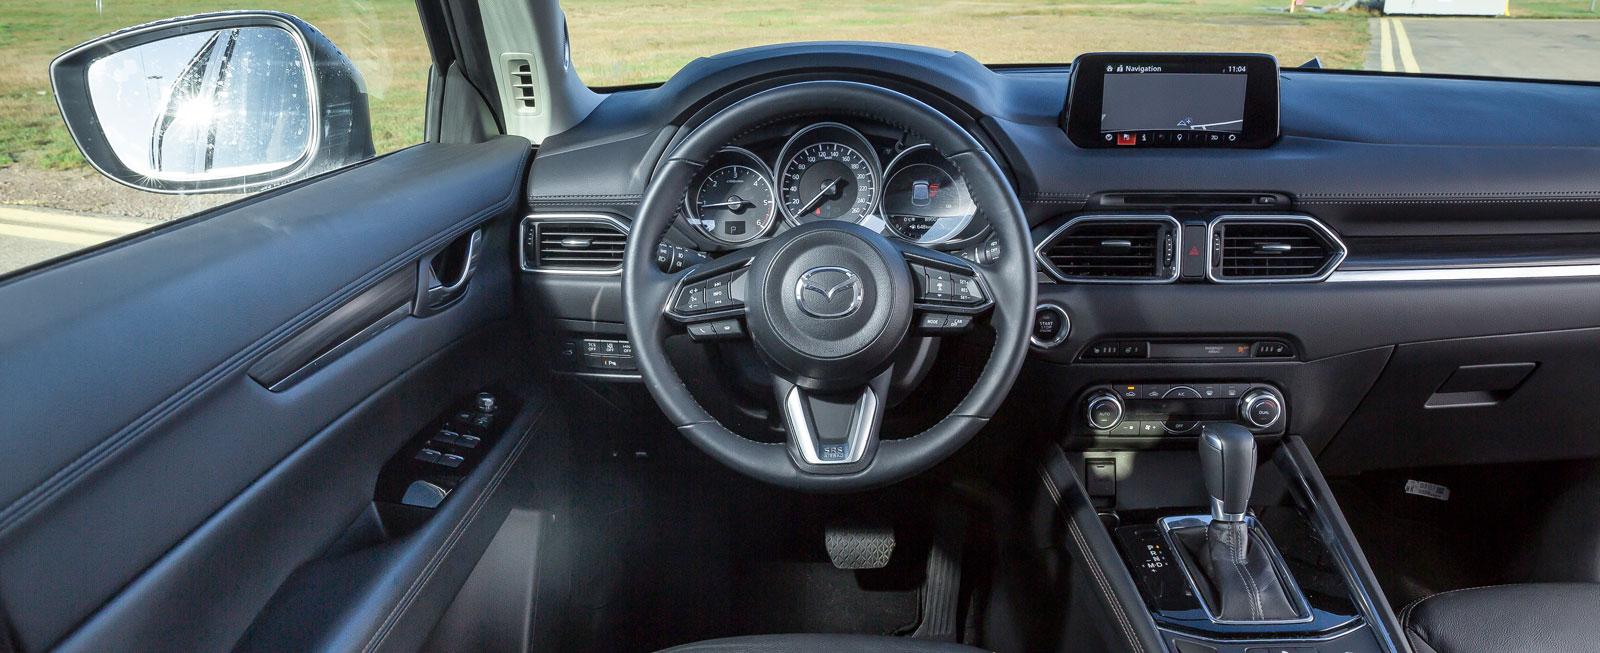 Också i CX-5 jobbar Mazda med det man kallar förarorienterad placering av knappar och instrument, därav den högt monterade displayen.